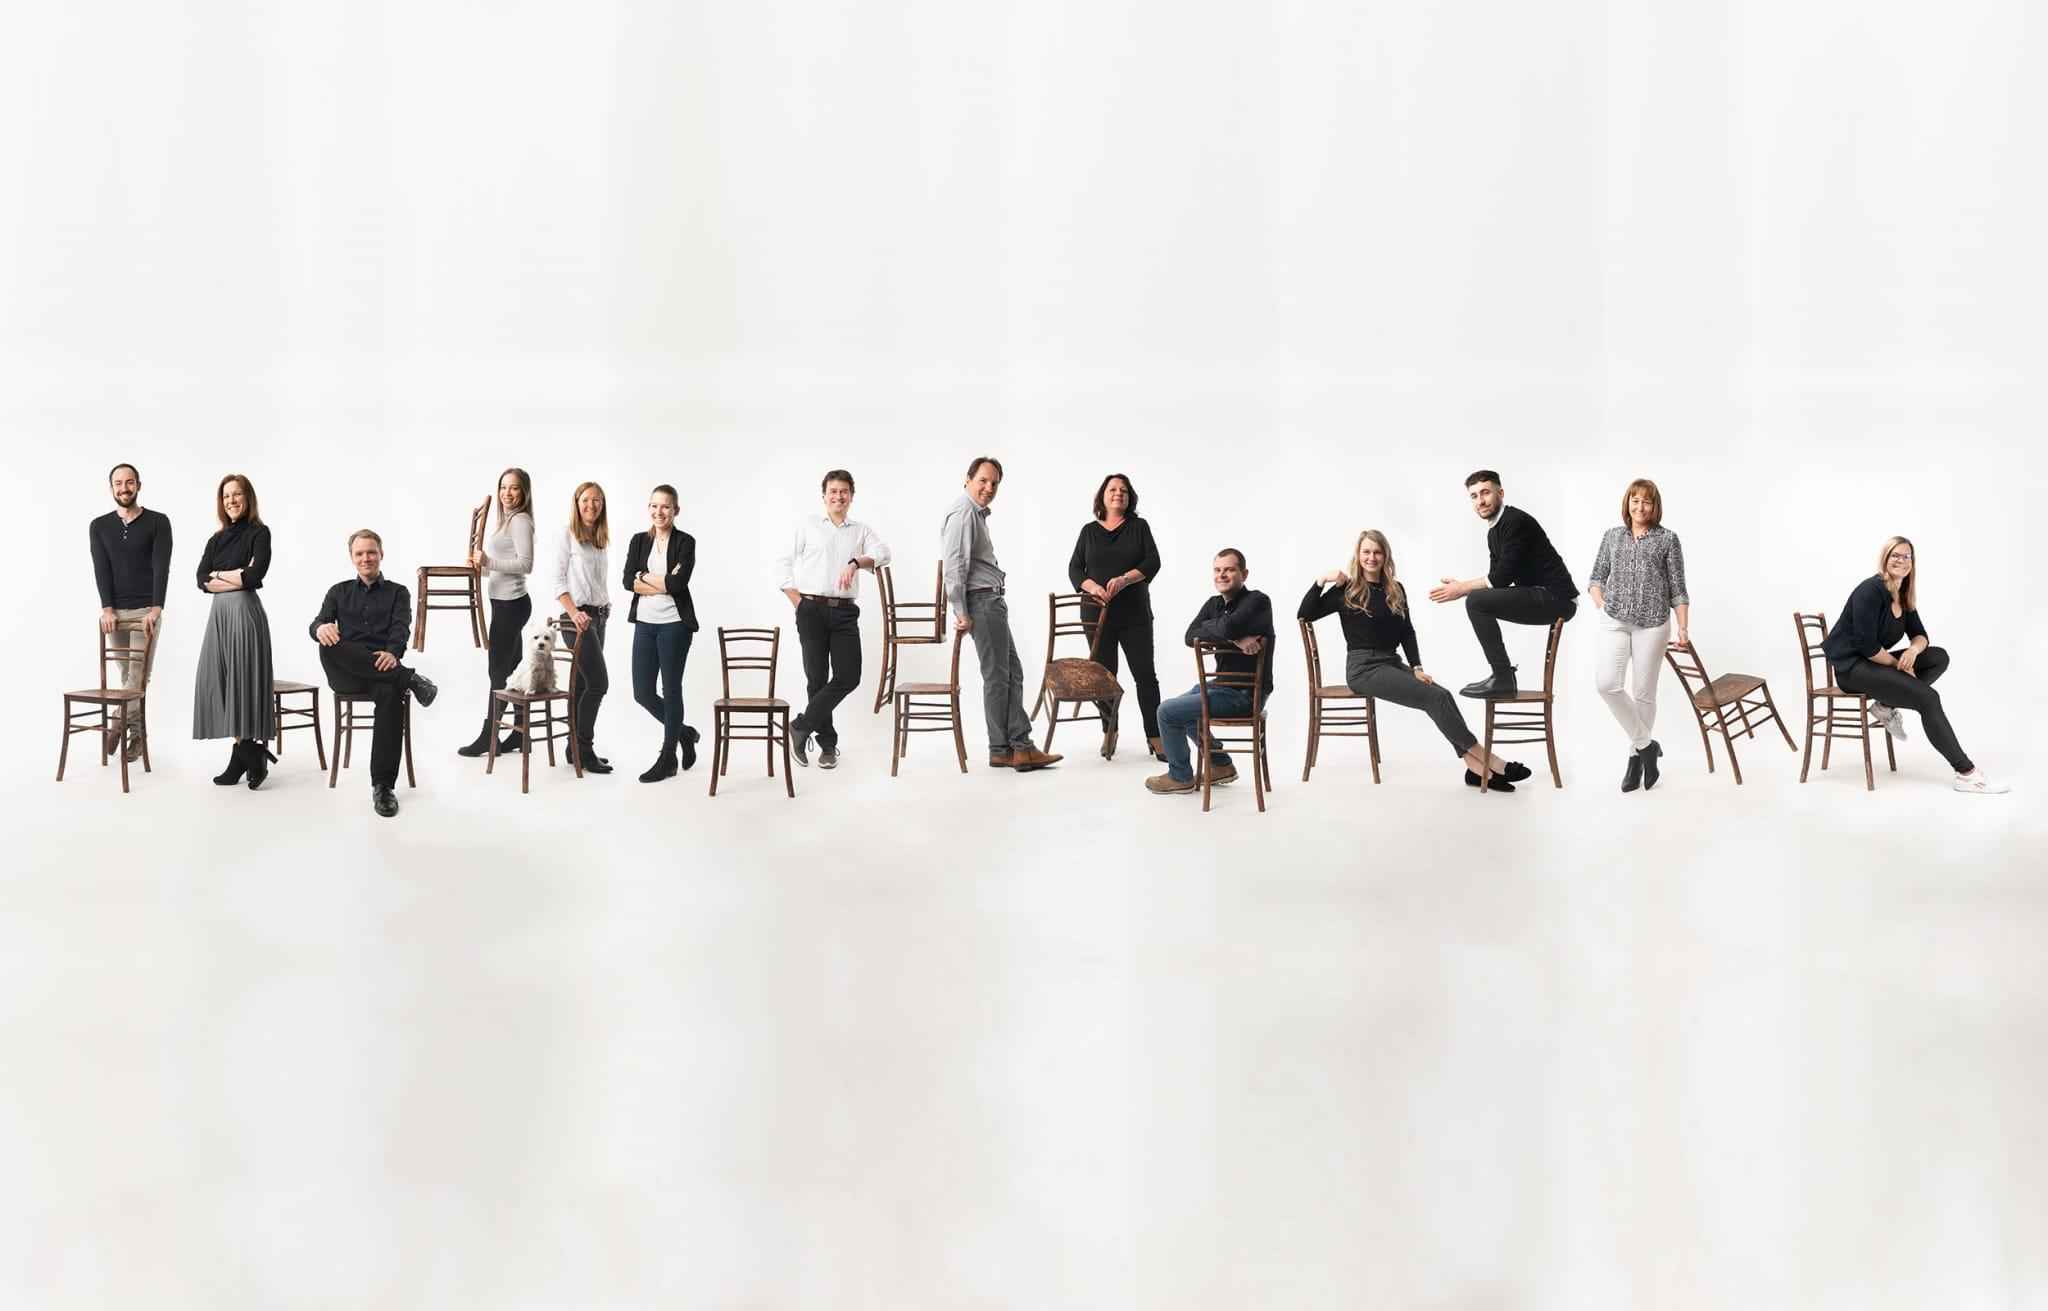 Artivo Team - Gruppenfoto mit allen Mitarbeiter:innen und den beiden Geschäftsführeren Josef Schriebl und Wolfgang Rothschädl